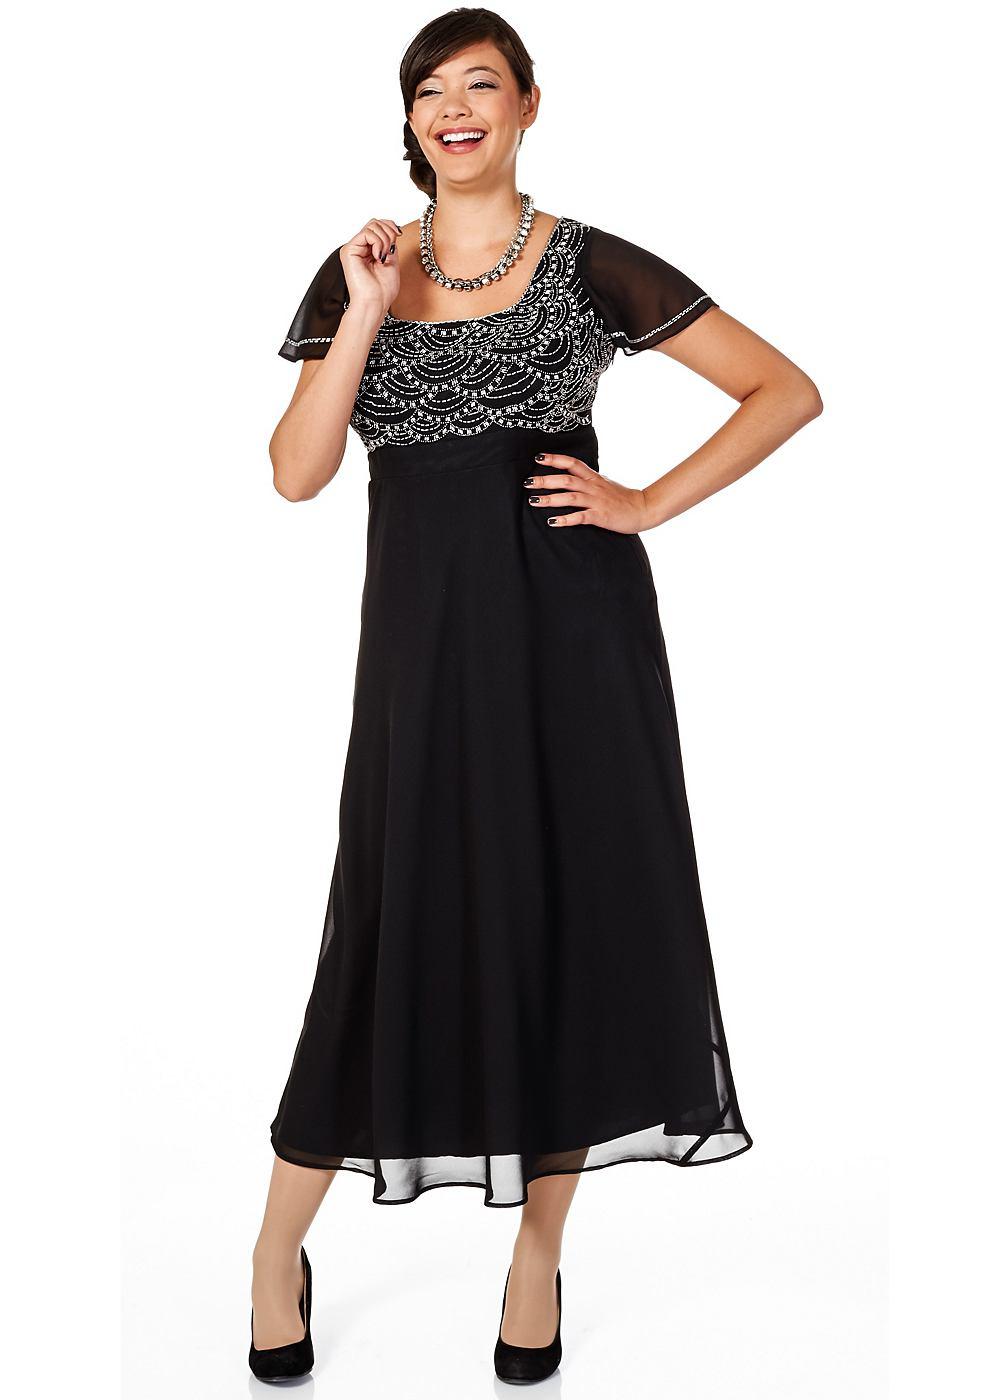 Sheego Style jurk in chiffonkwaliteit zwart